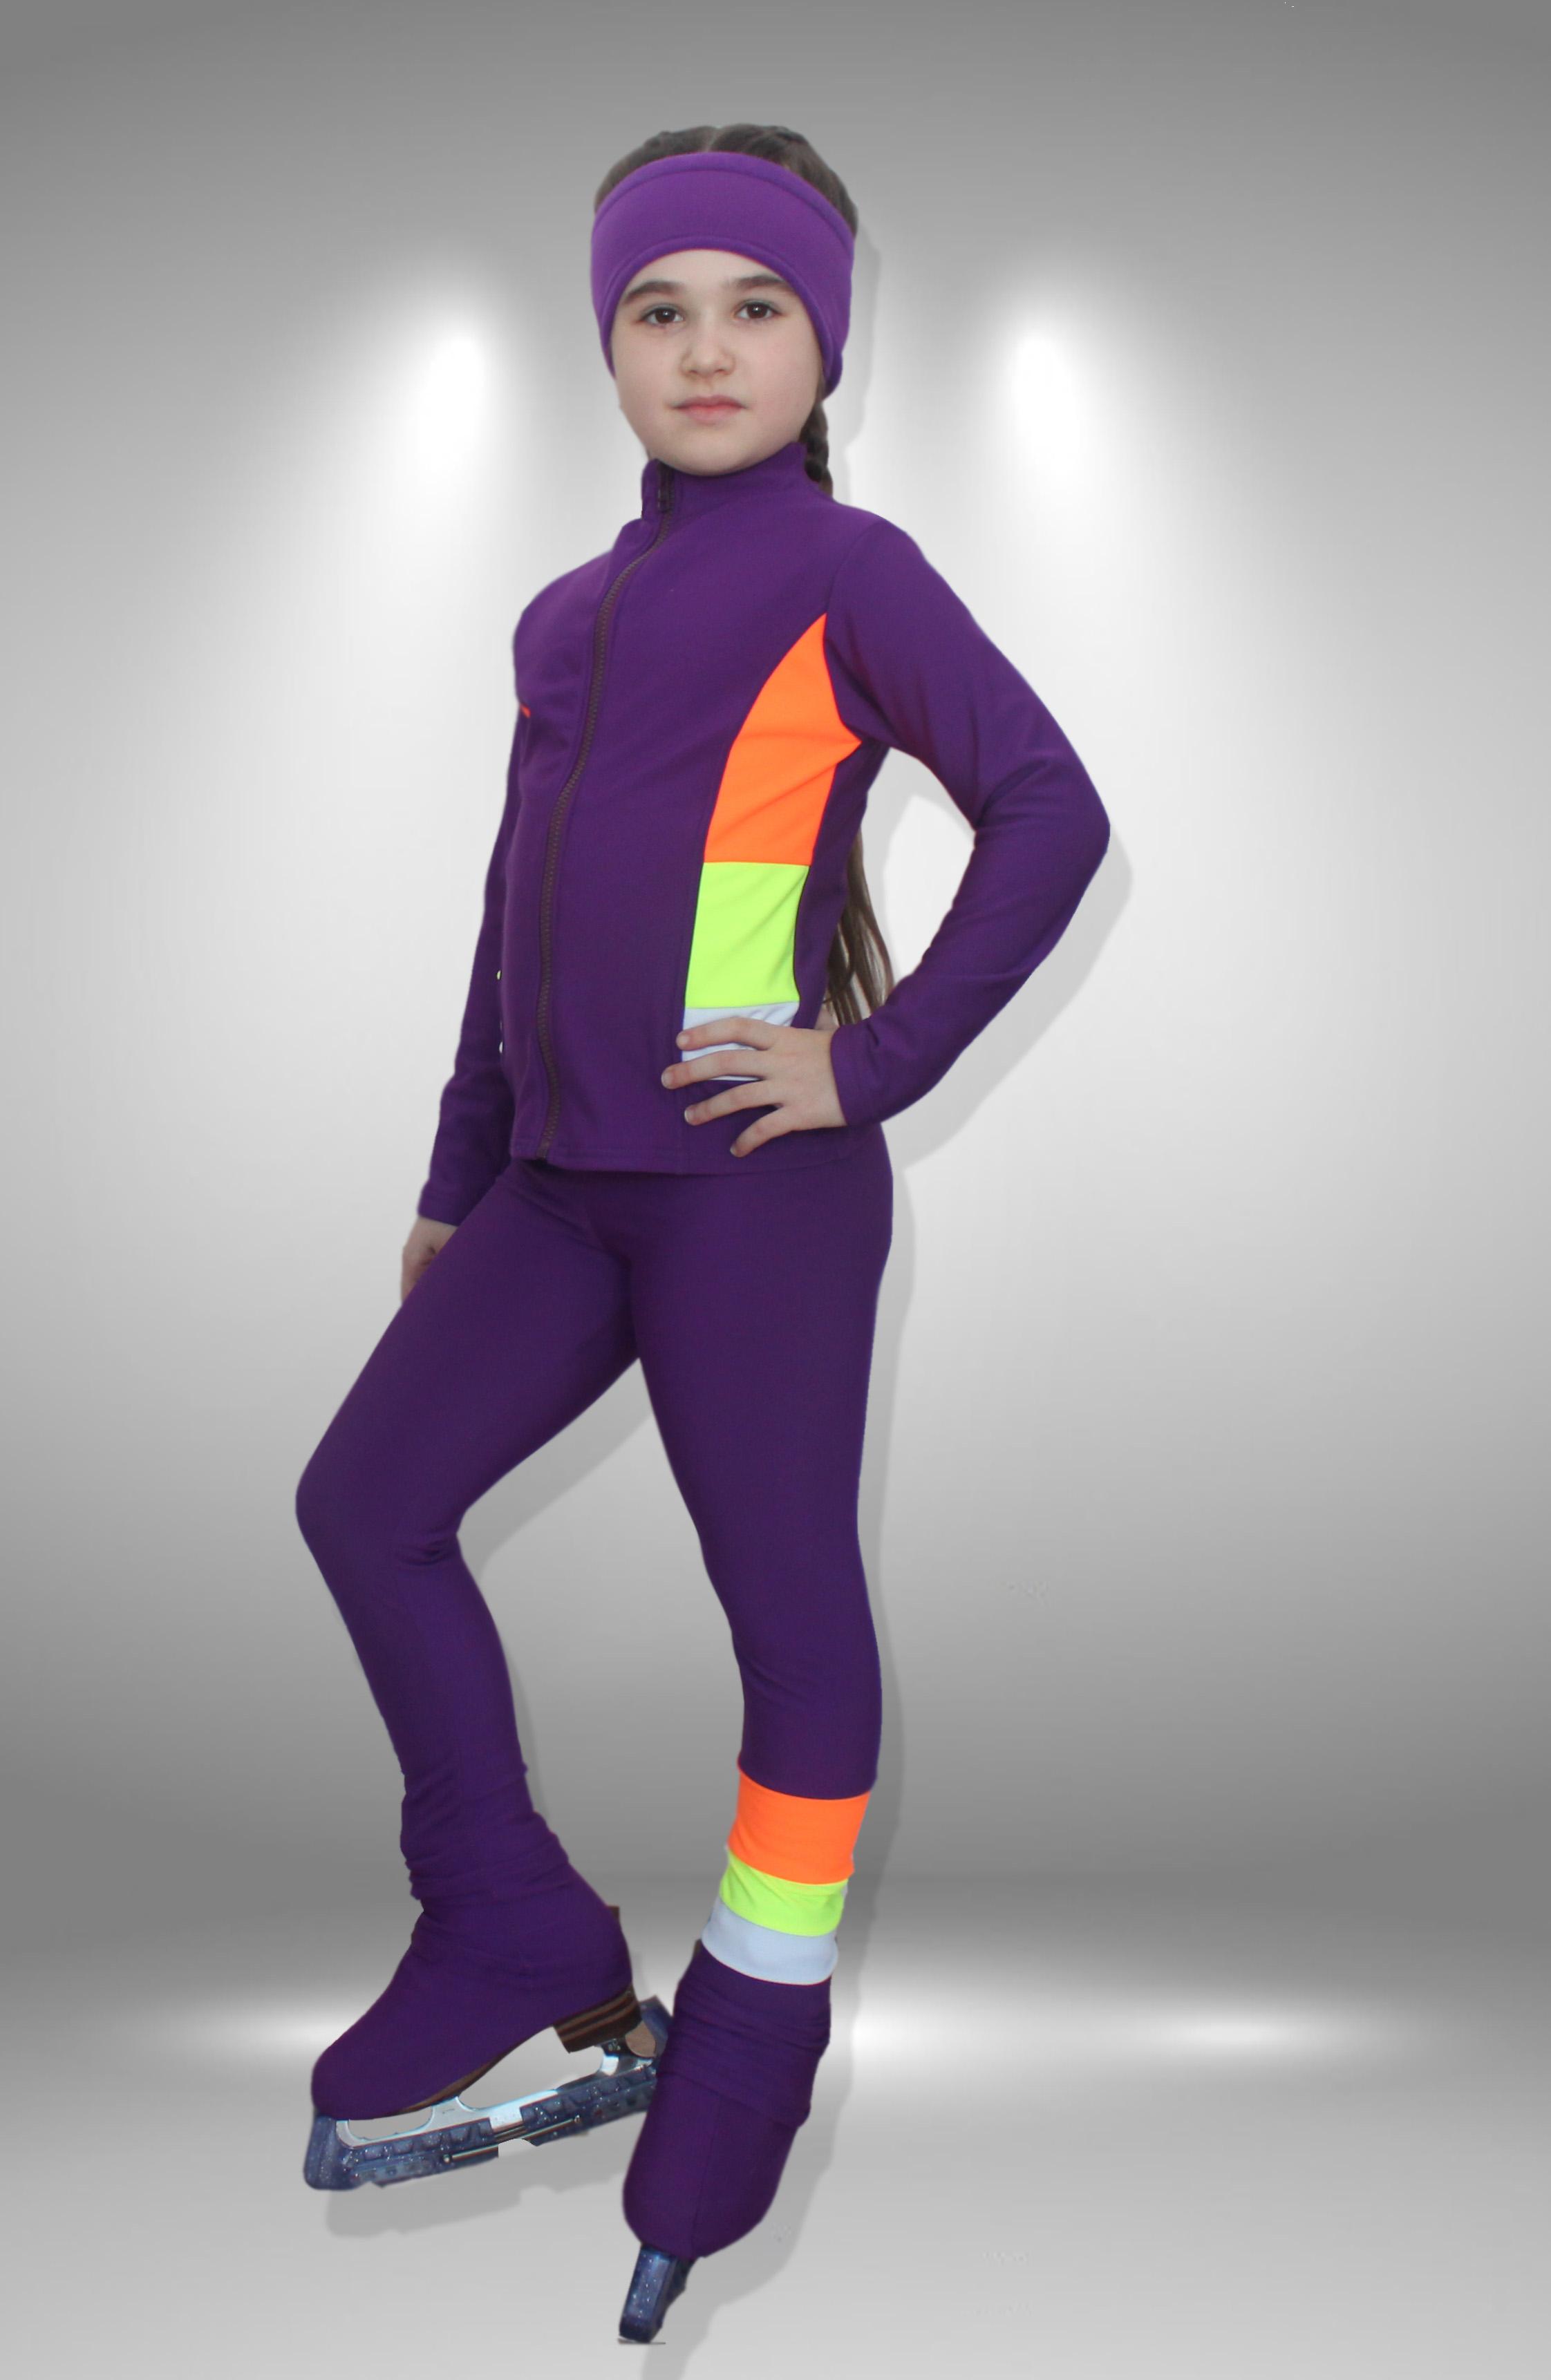 """Термо костюм для фигурного катания """"Радуга"""" фиолето-оранжевый"""